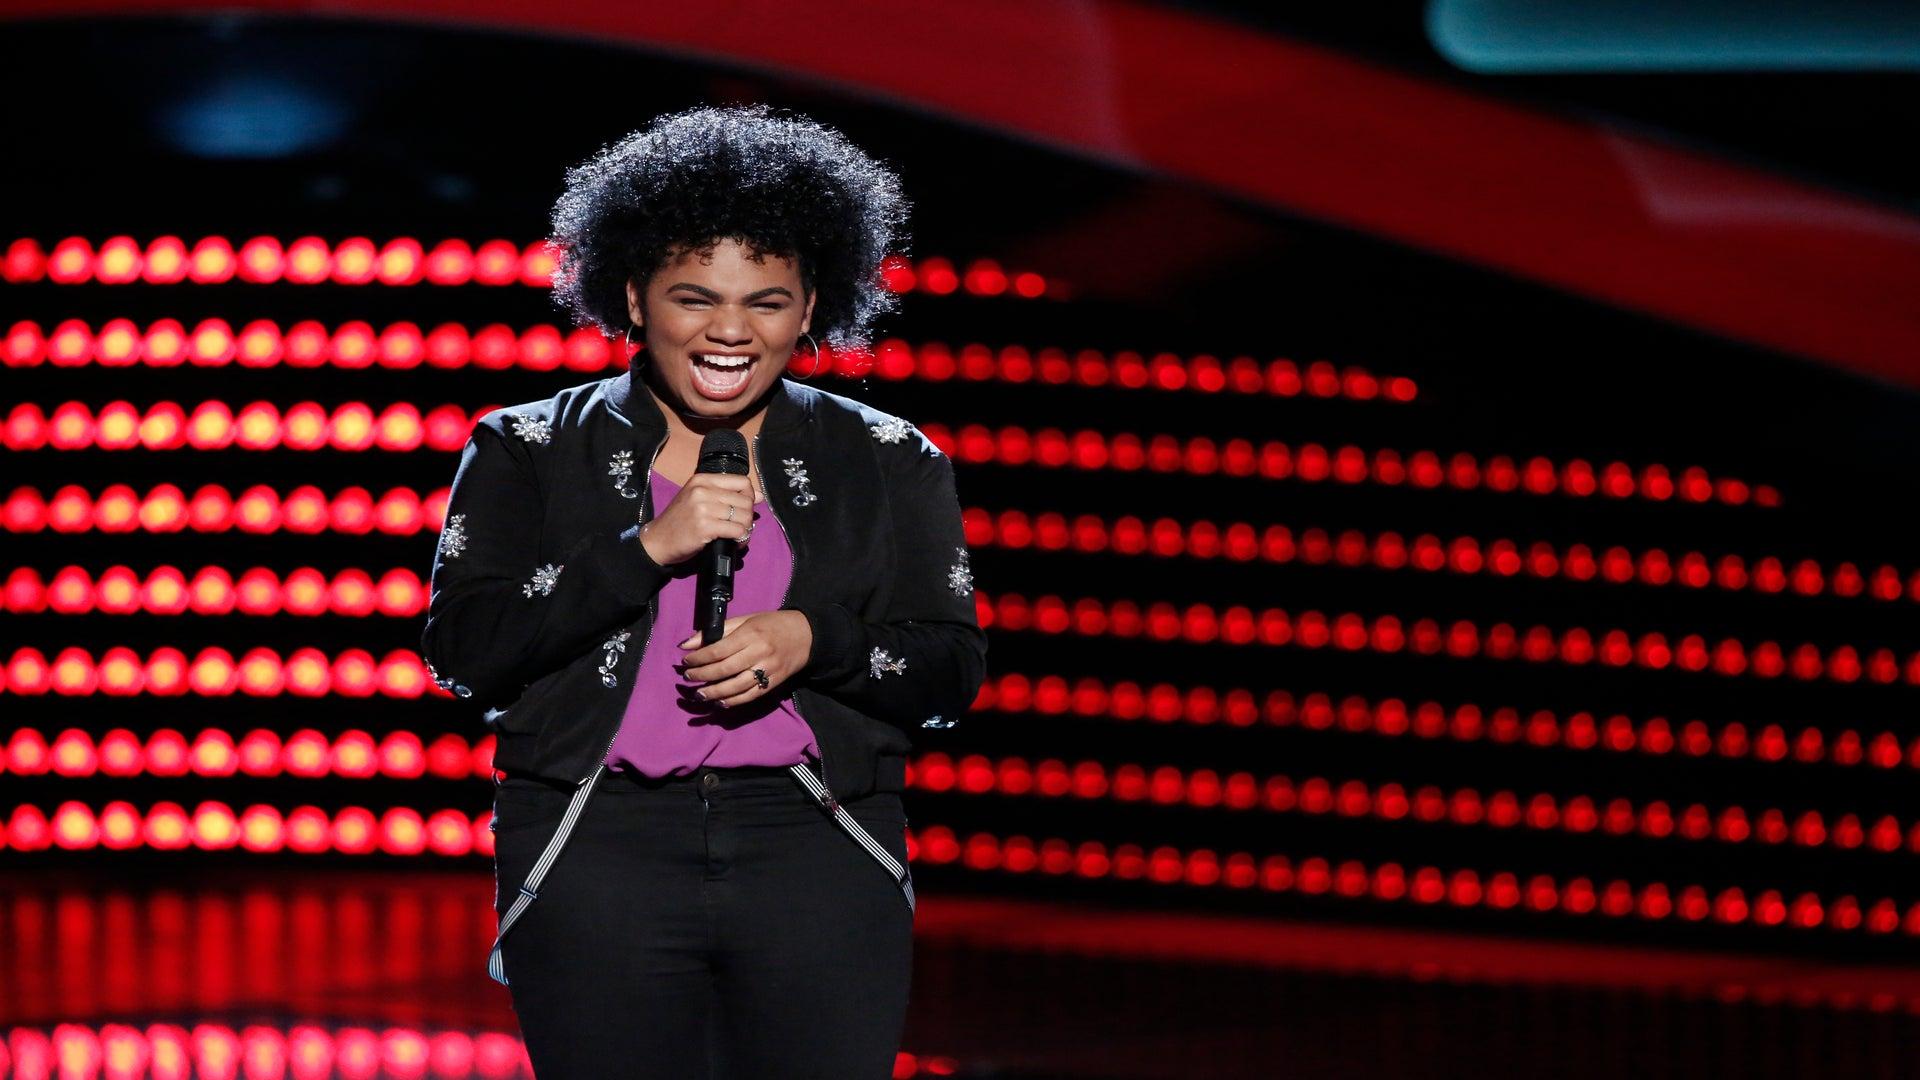 Meet 'The Voice' Contestant Wé McDonald